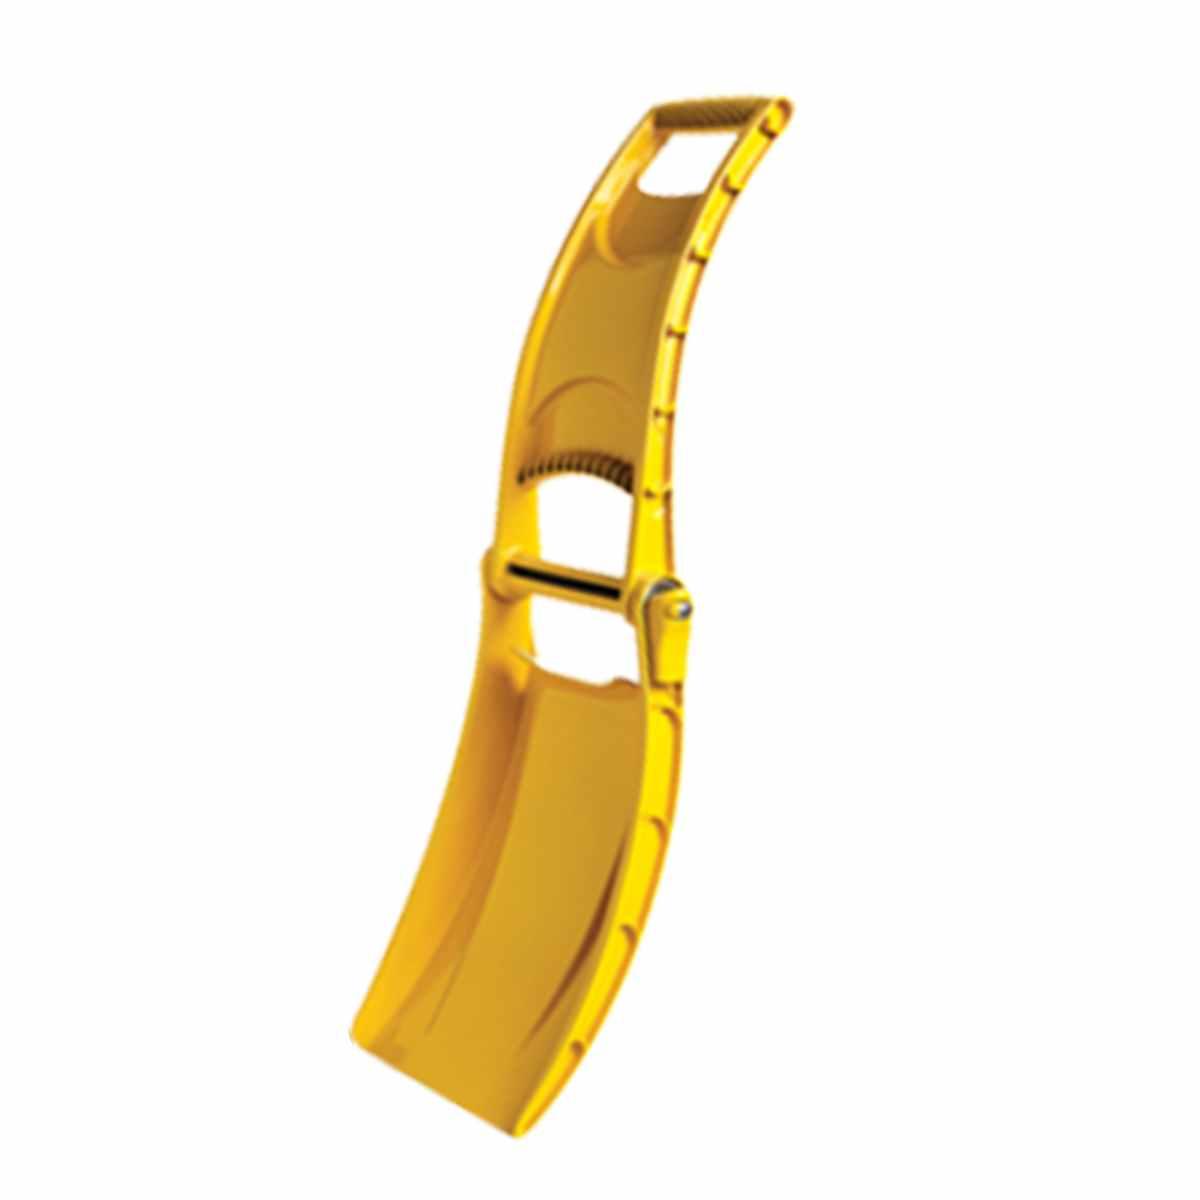 Лопата-трансформер МастерПрофАС.110006Лопата-трансформер. Можно использовать как ограждение или предупреждающий знак . Яркий знак обозначит габариты или предупредит об опасности. Привлекательный, современный, эргономичный дизайн . Вес 850 гр . В сложенном виде имеет габариты 42 см х 25 см х 8 см, почти не занимает места в багажнике автомобиля, удобно крепится к рюкзаку, велосипеду или снегоходу. Складной механизм на основе массивного металлического стержня жестко фиксируется, лопата свободно поднимает вес до 12 кг. Выполнена из высококачественного полипропилена, имеет гладкую износостойкую поверхность, ребра жесткости и удобную ручку, конструкция которой защищает руки во время работы. Материал лопаты морозостоек. Выдержит перепады температуры от +50 до -50 0С без опасения, что к нему примерзнут перчатки или руки. Длина: 42 см. Ширина: 25 см. Глубина: 8 см. Вес: 0,85 кг.